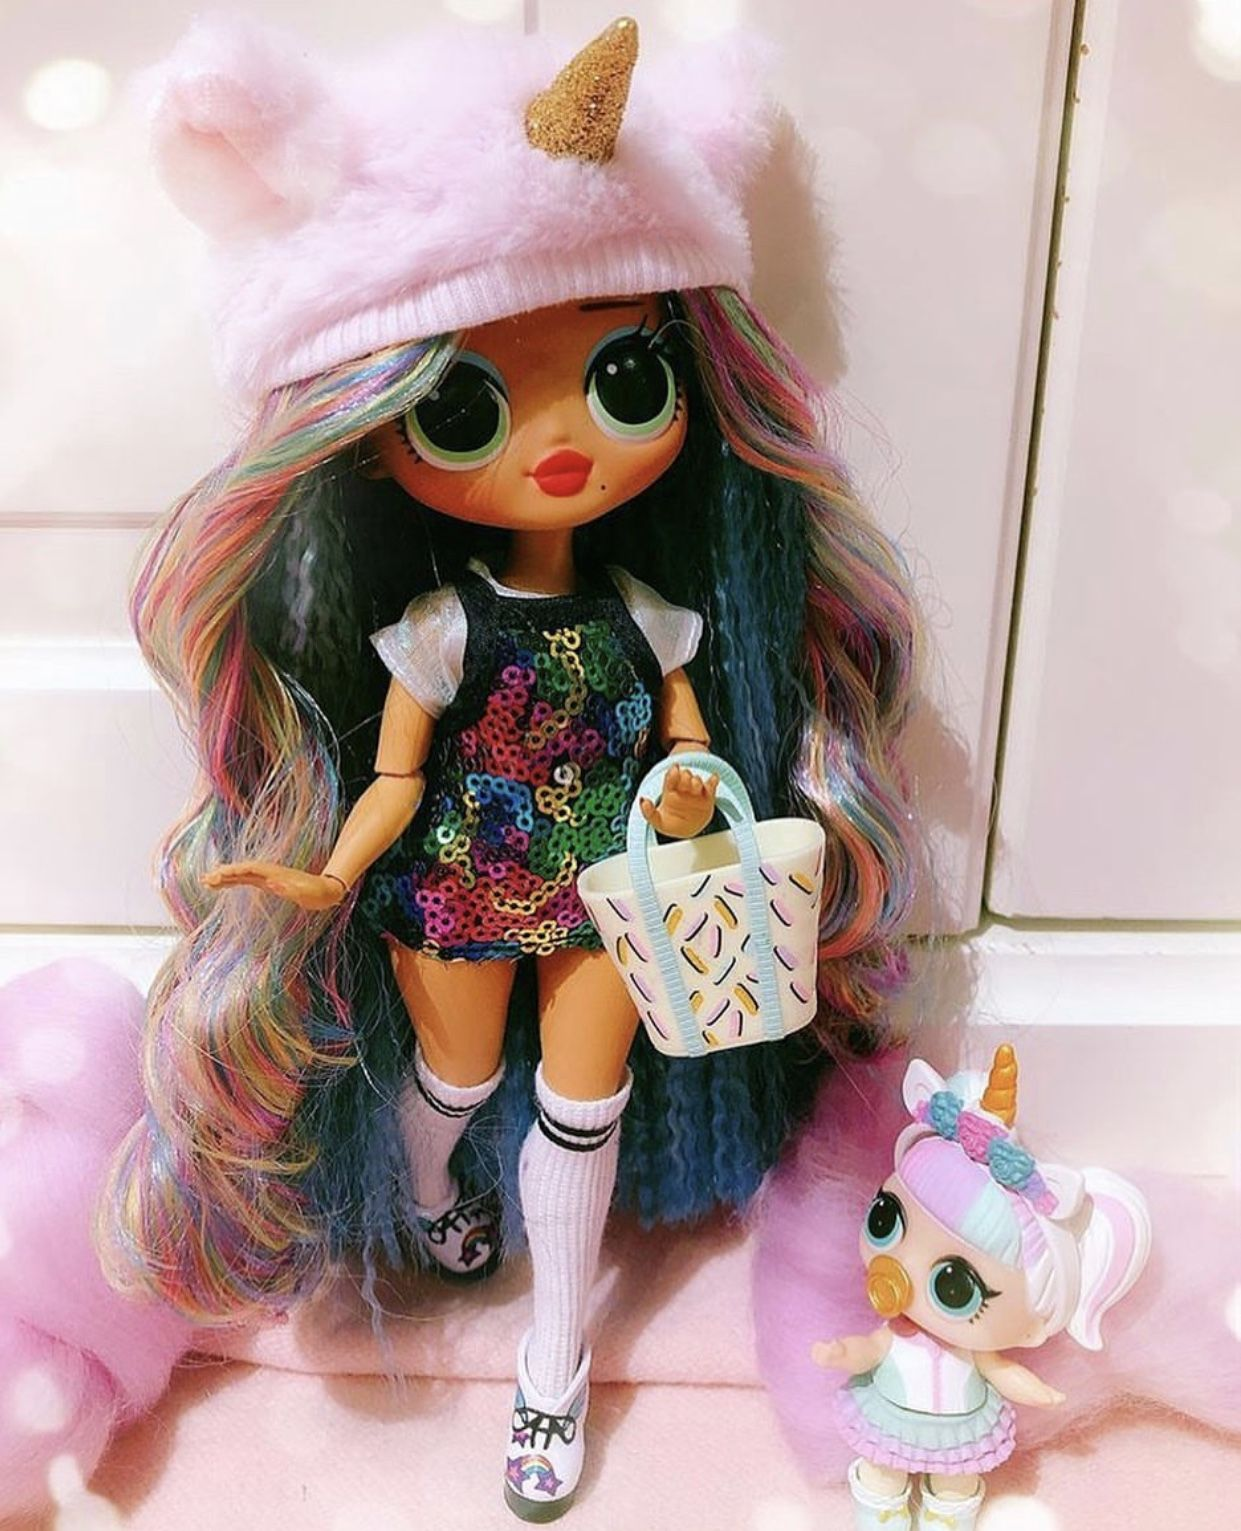 Unicorn Custom Omg Doll In 2020 Lol Dolls Cute Doodles Cute Dolls